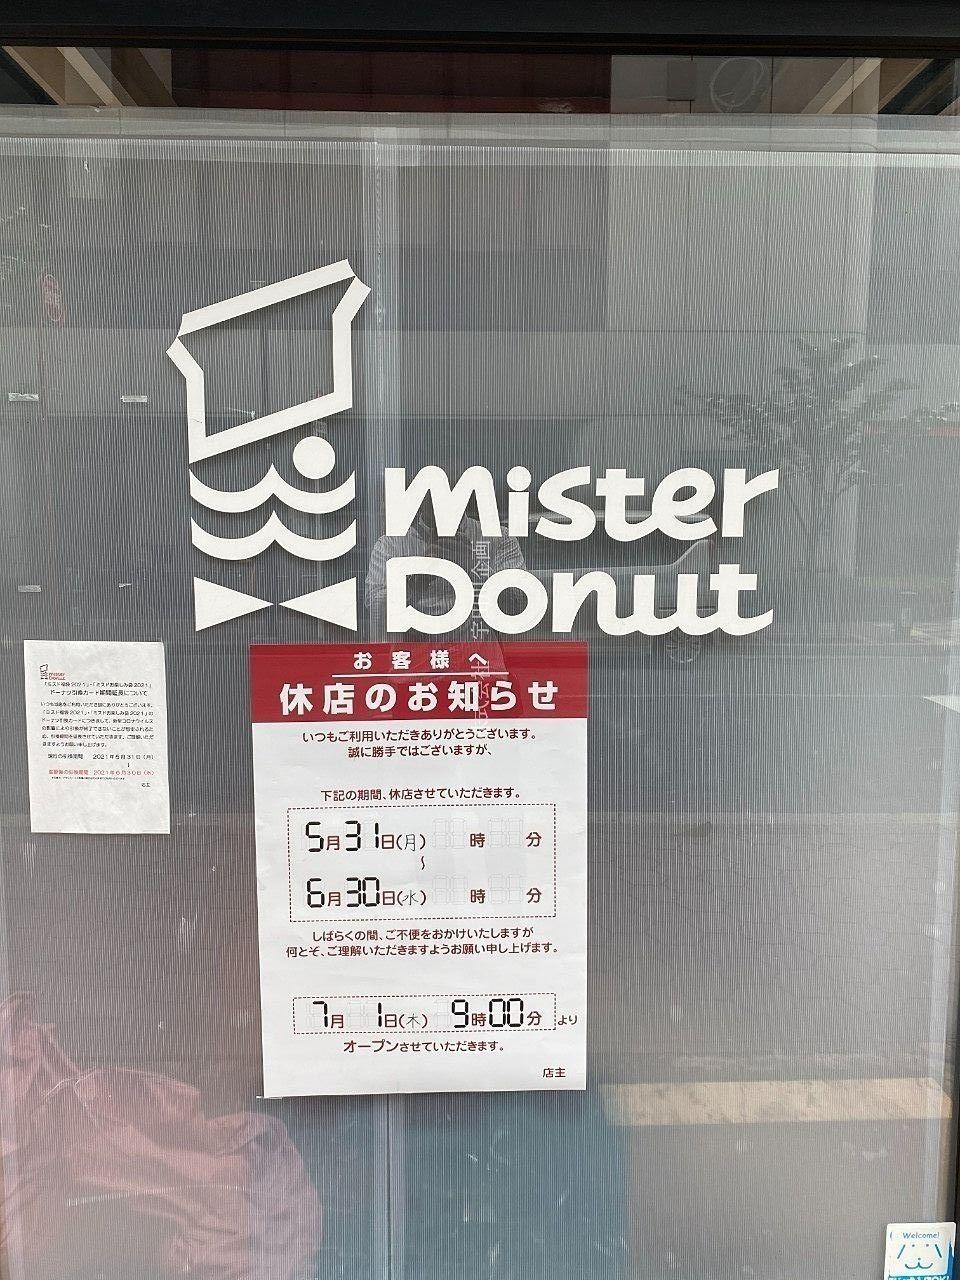 ミスタードーナツ西葛西店7月1日リニューアルオープン